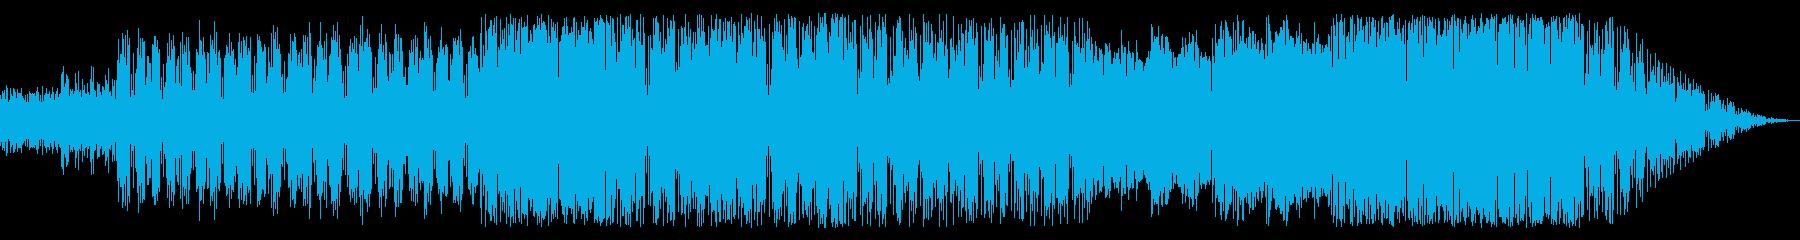 夜行列車をイメージしたスローなポップスの再生済みの波形